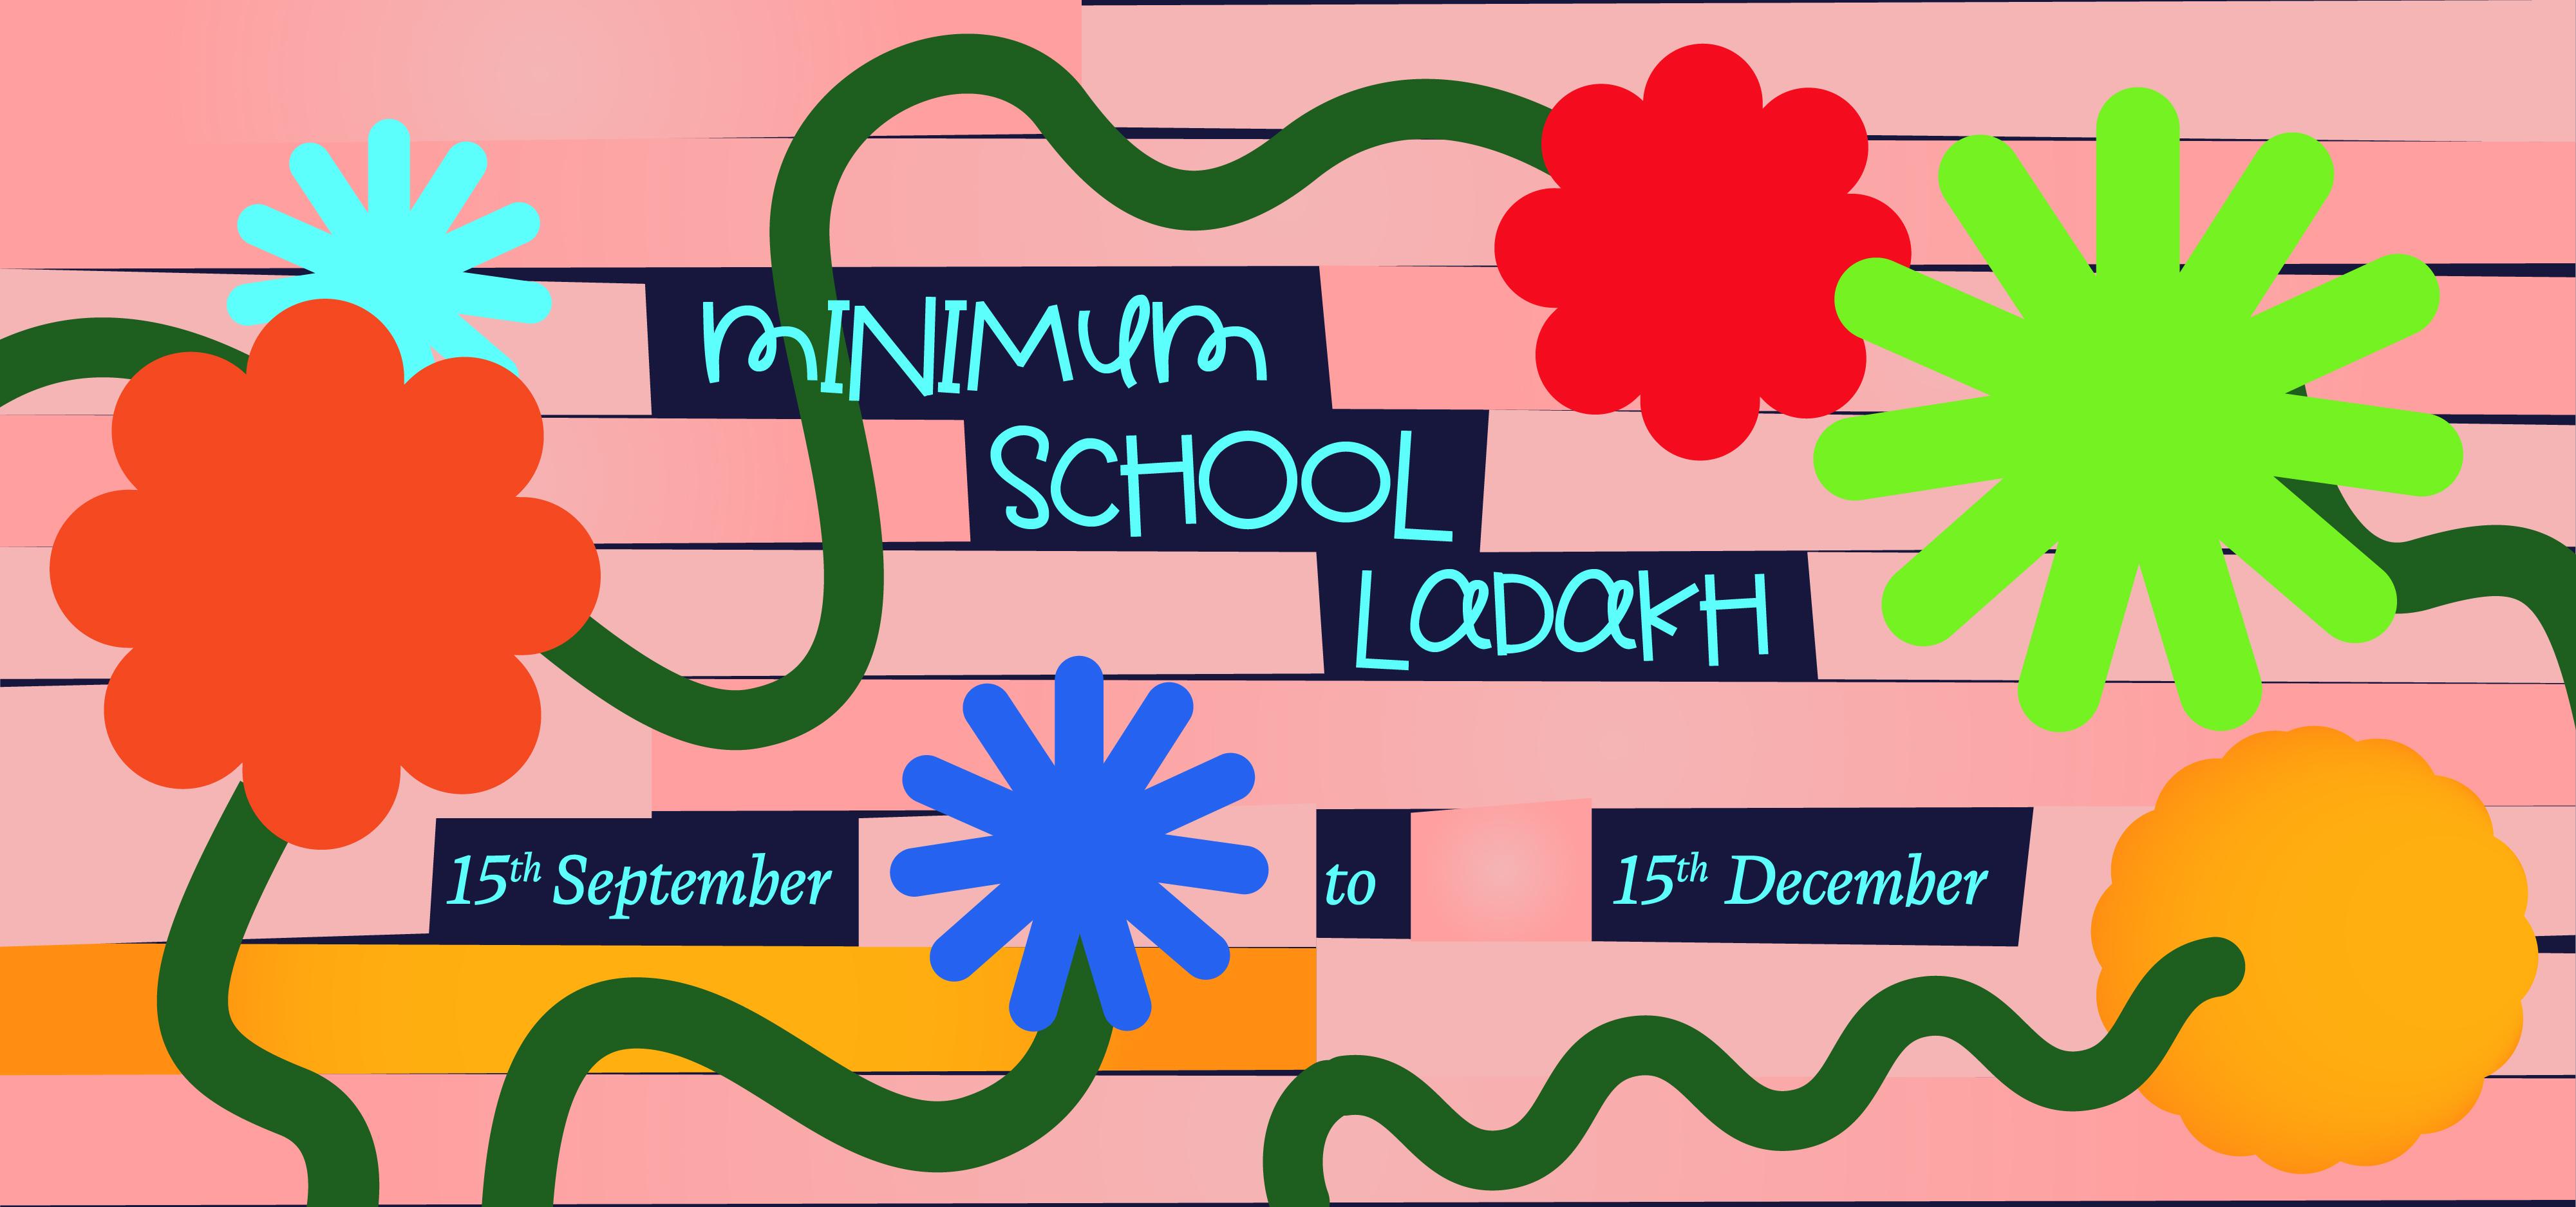 拉达克极小学校(MINIMUM SCHOOL LADAKH)设计竞赛